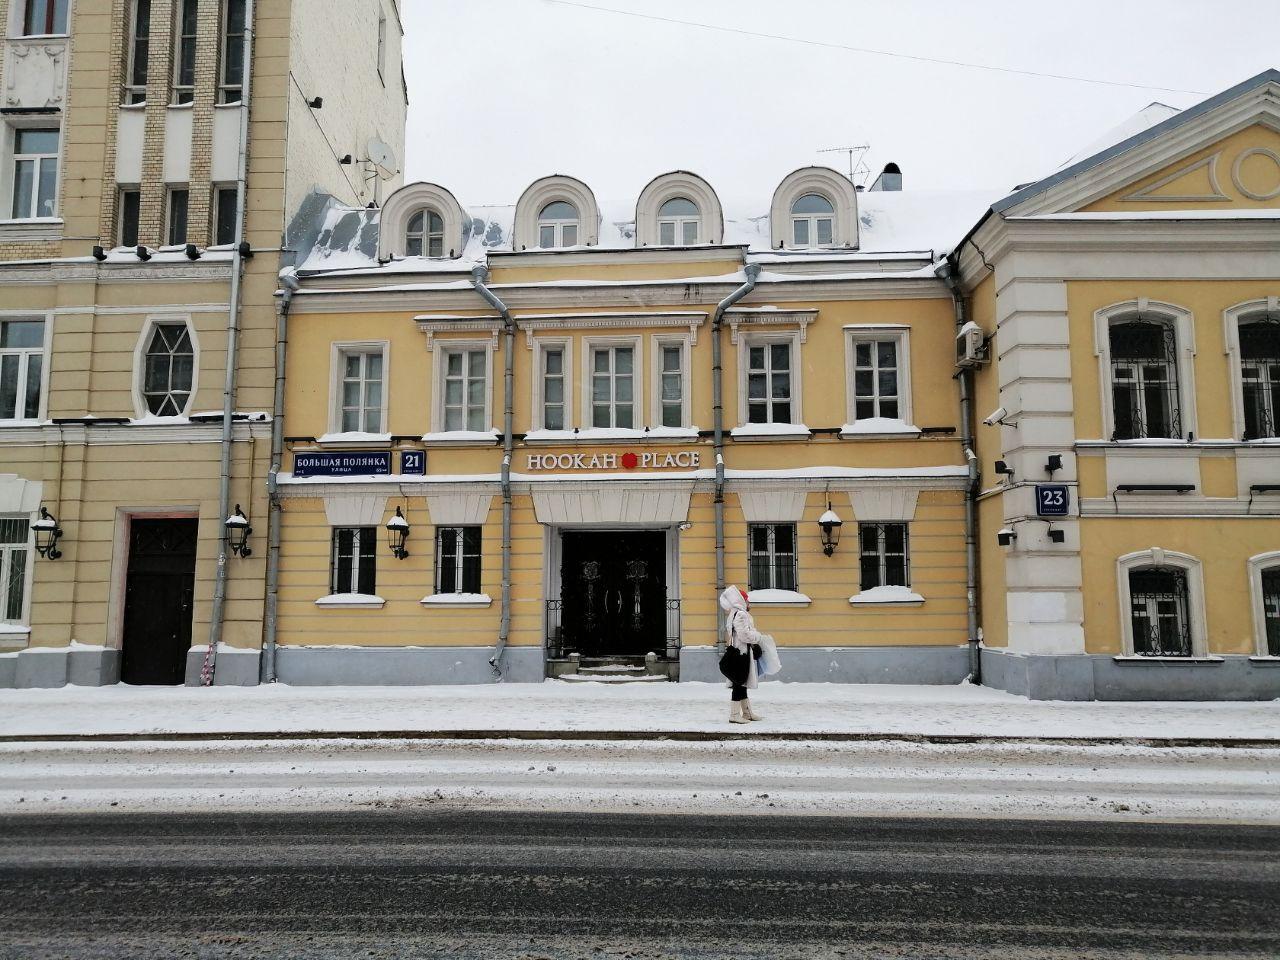 продажа помещений в БЦ на ул. Большая Полянка, 21с1